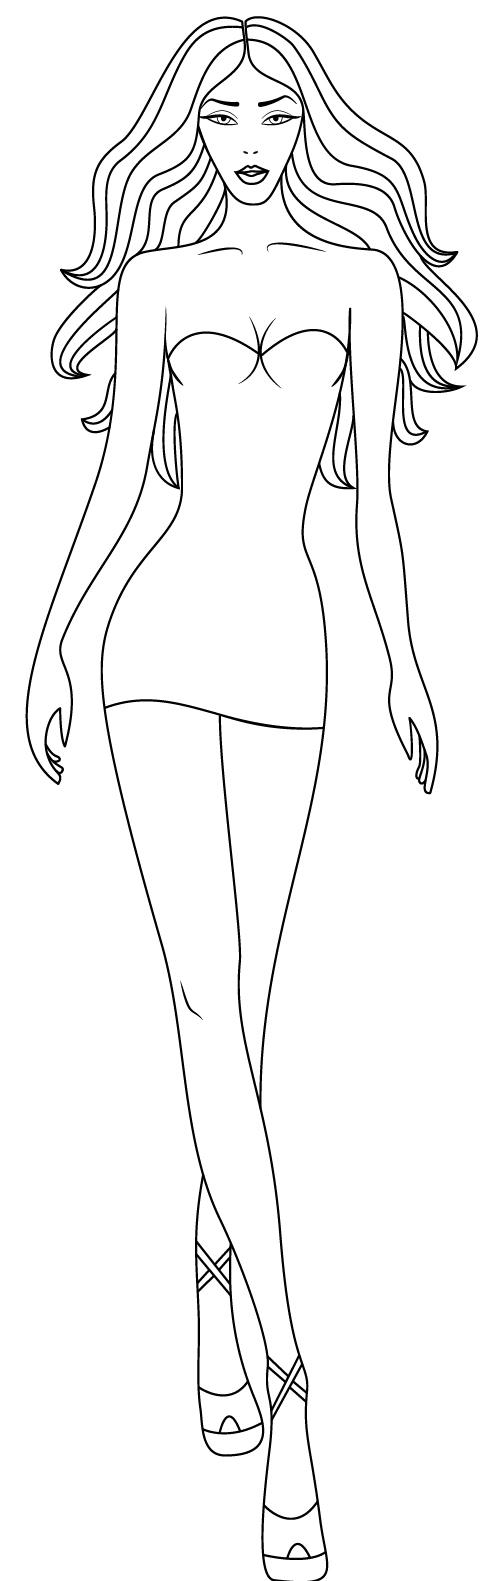 Line sketch vector